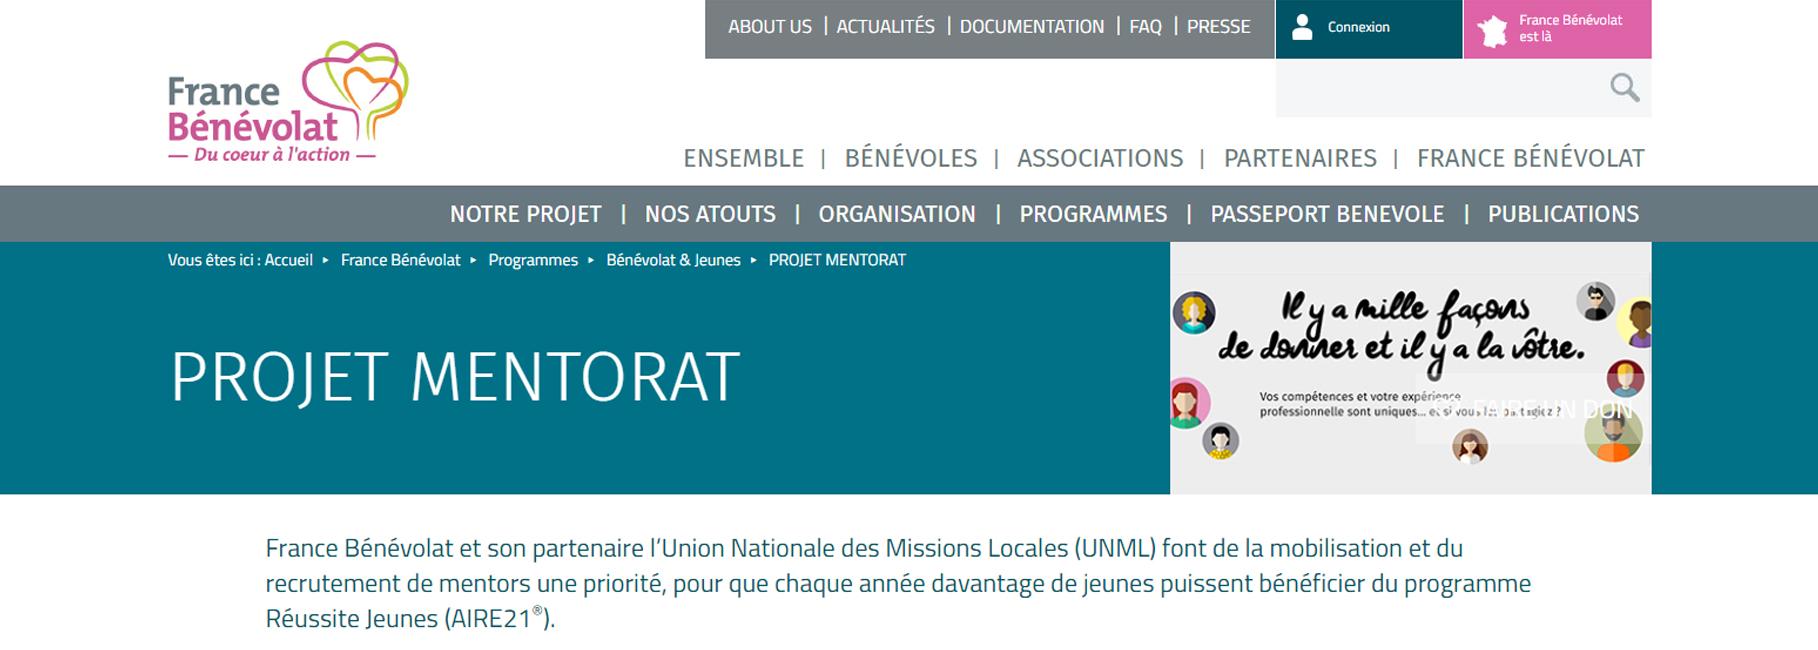 Association France Bénévolat